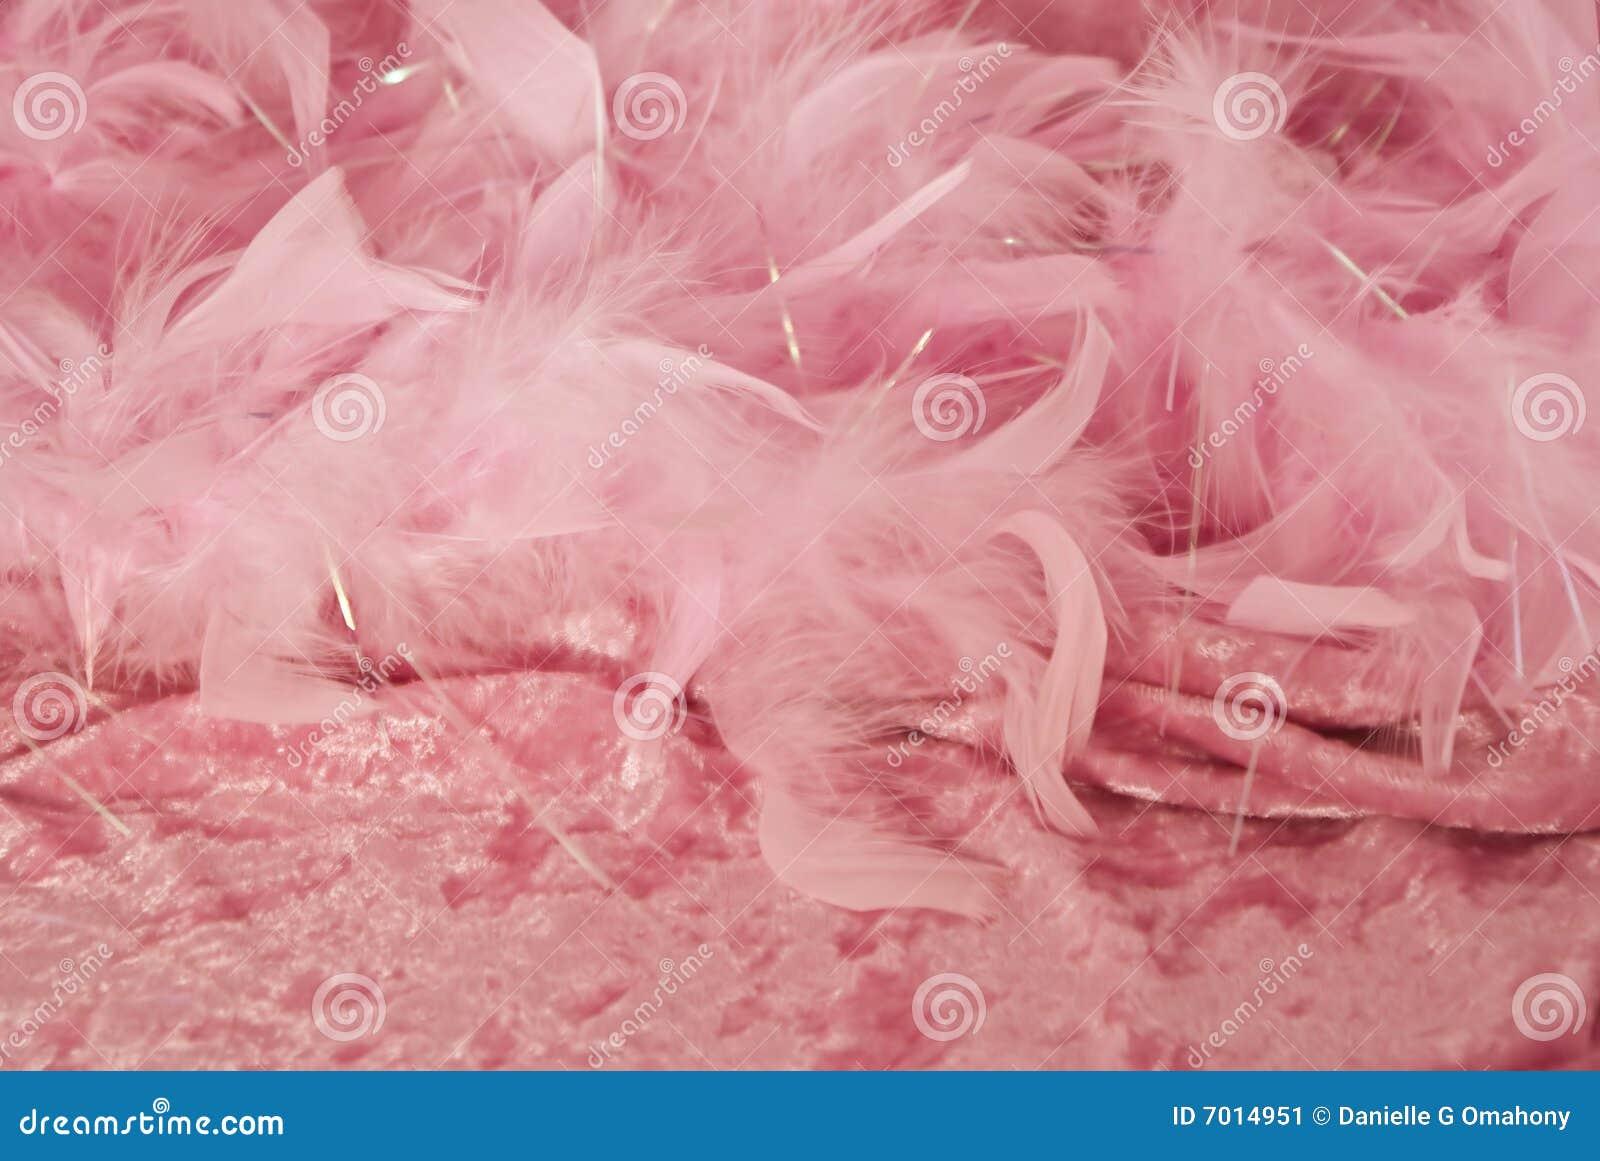 爱色堂性爱色�_背景击碎了羽毛女性爱粉红色公主主题华伦泰天鹅绒非常.